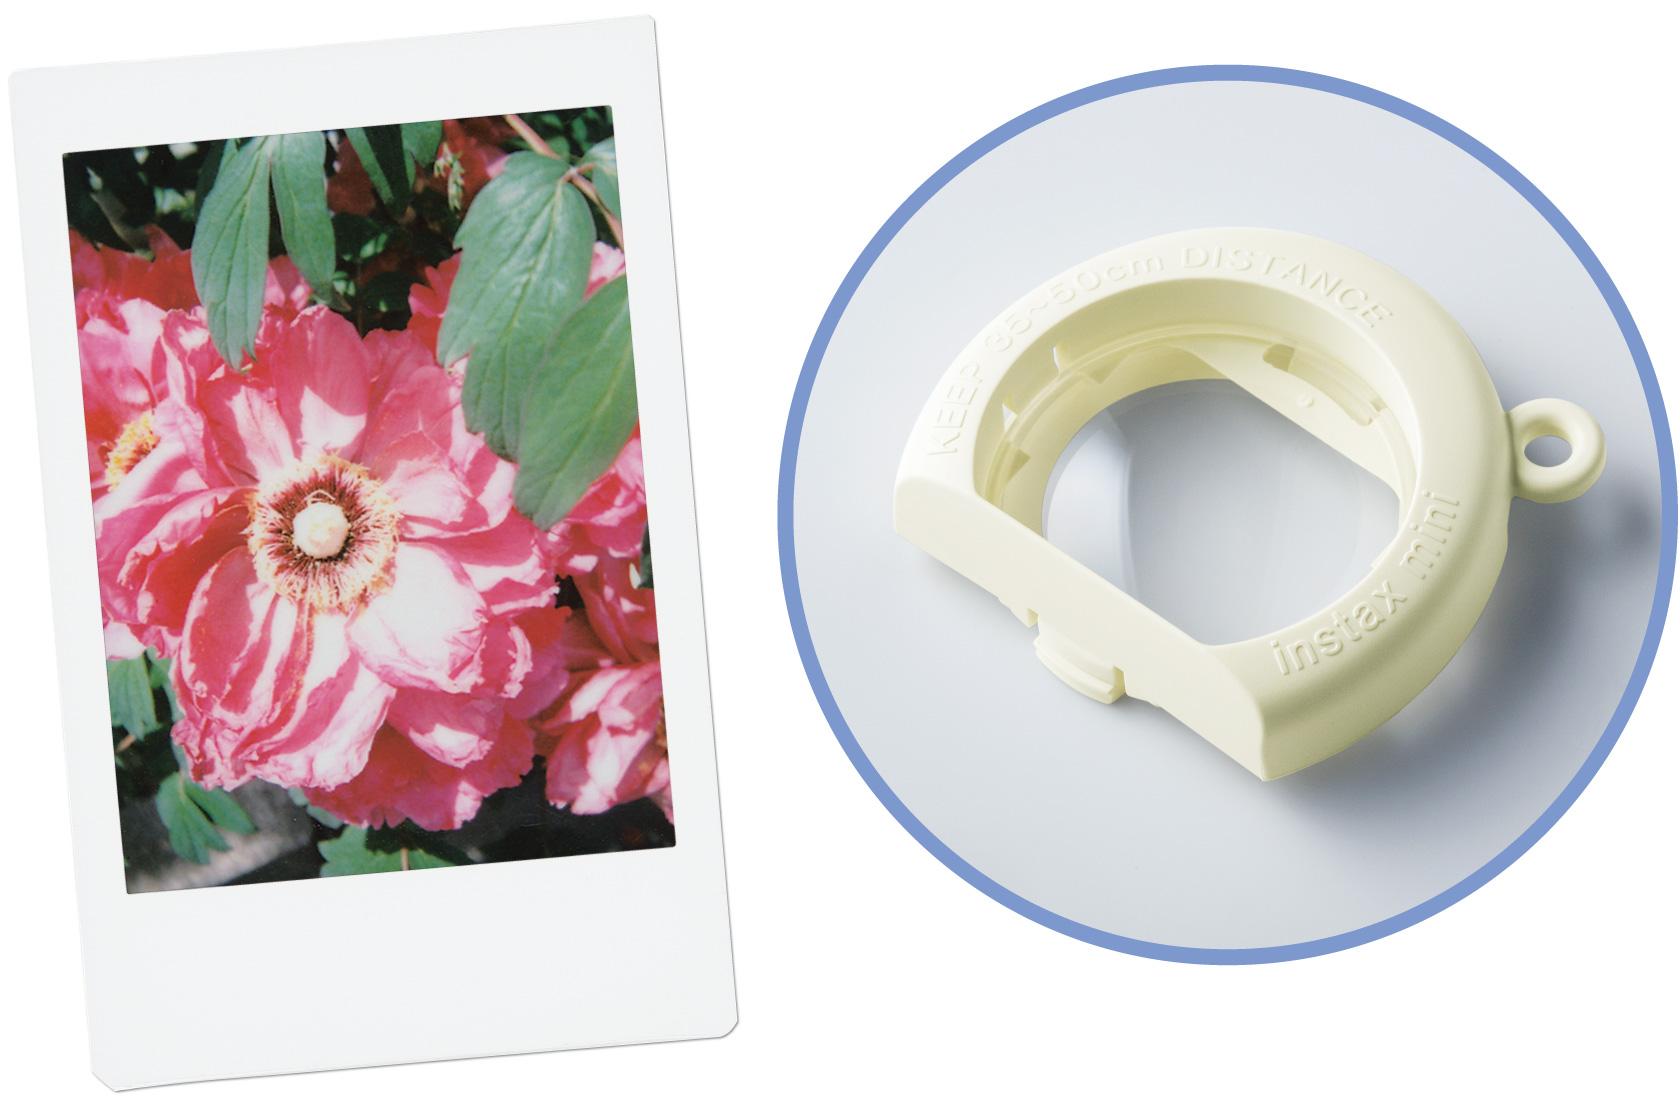 Image de l'objectif gros plan amovible et image d'une fleur rose